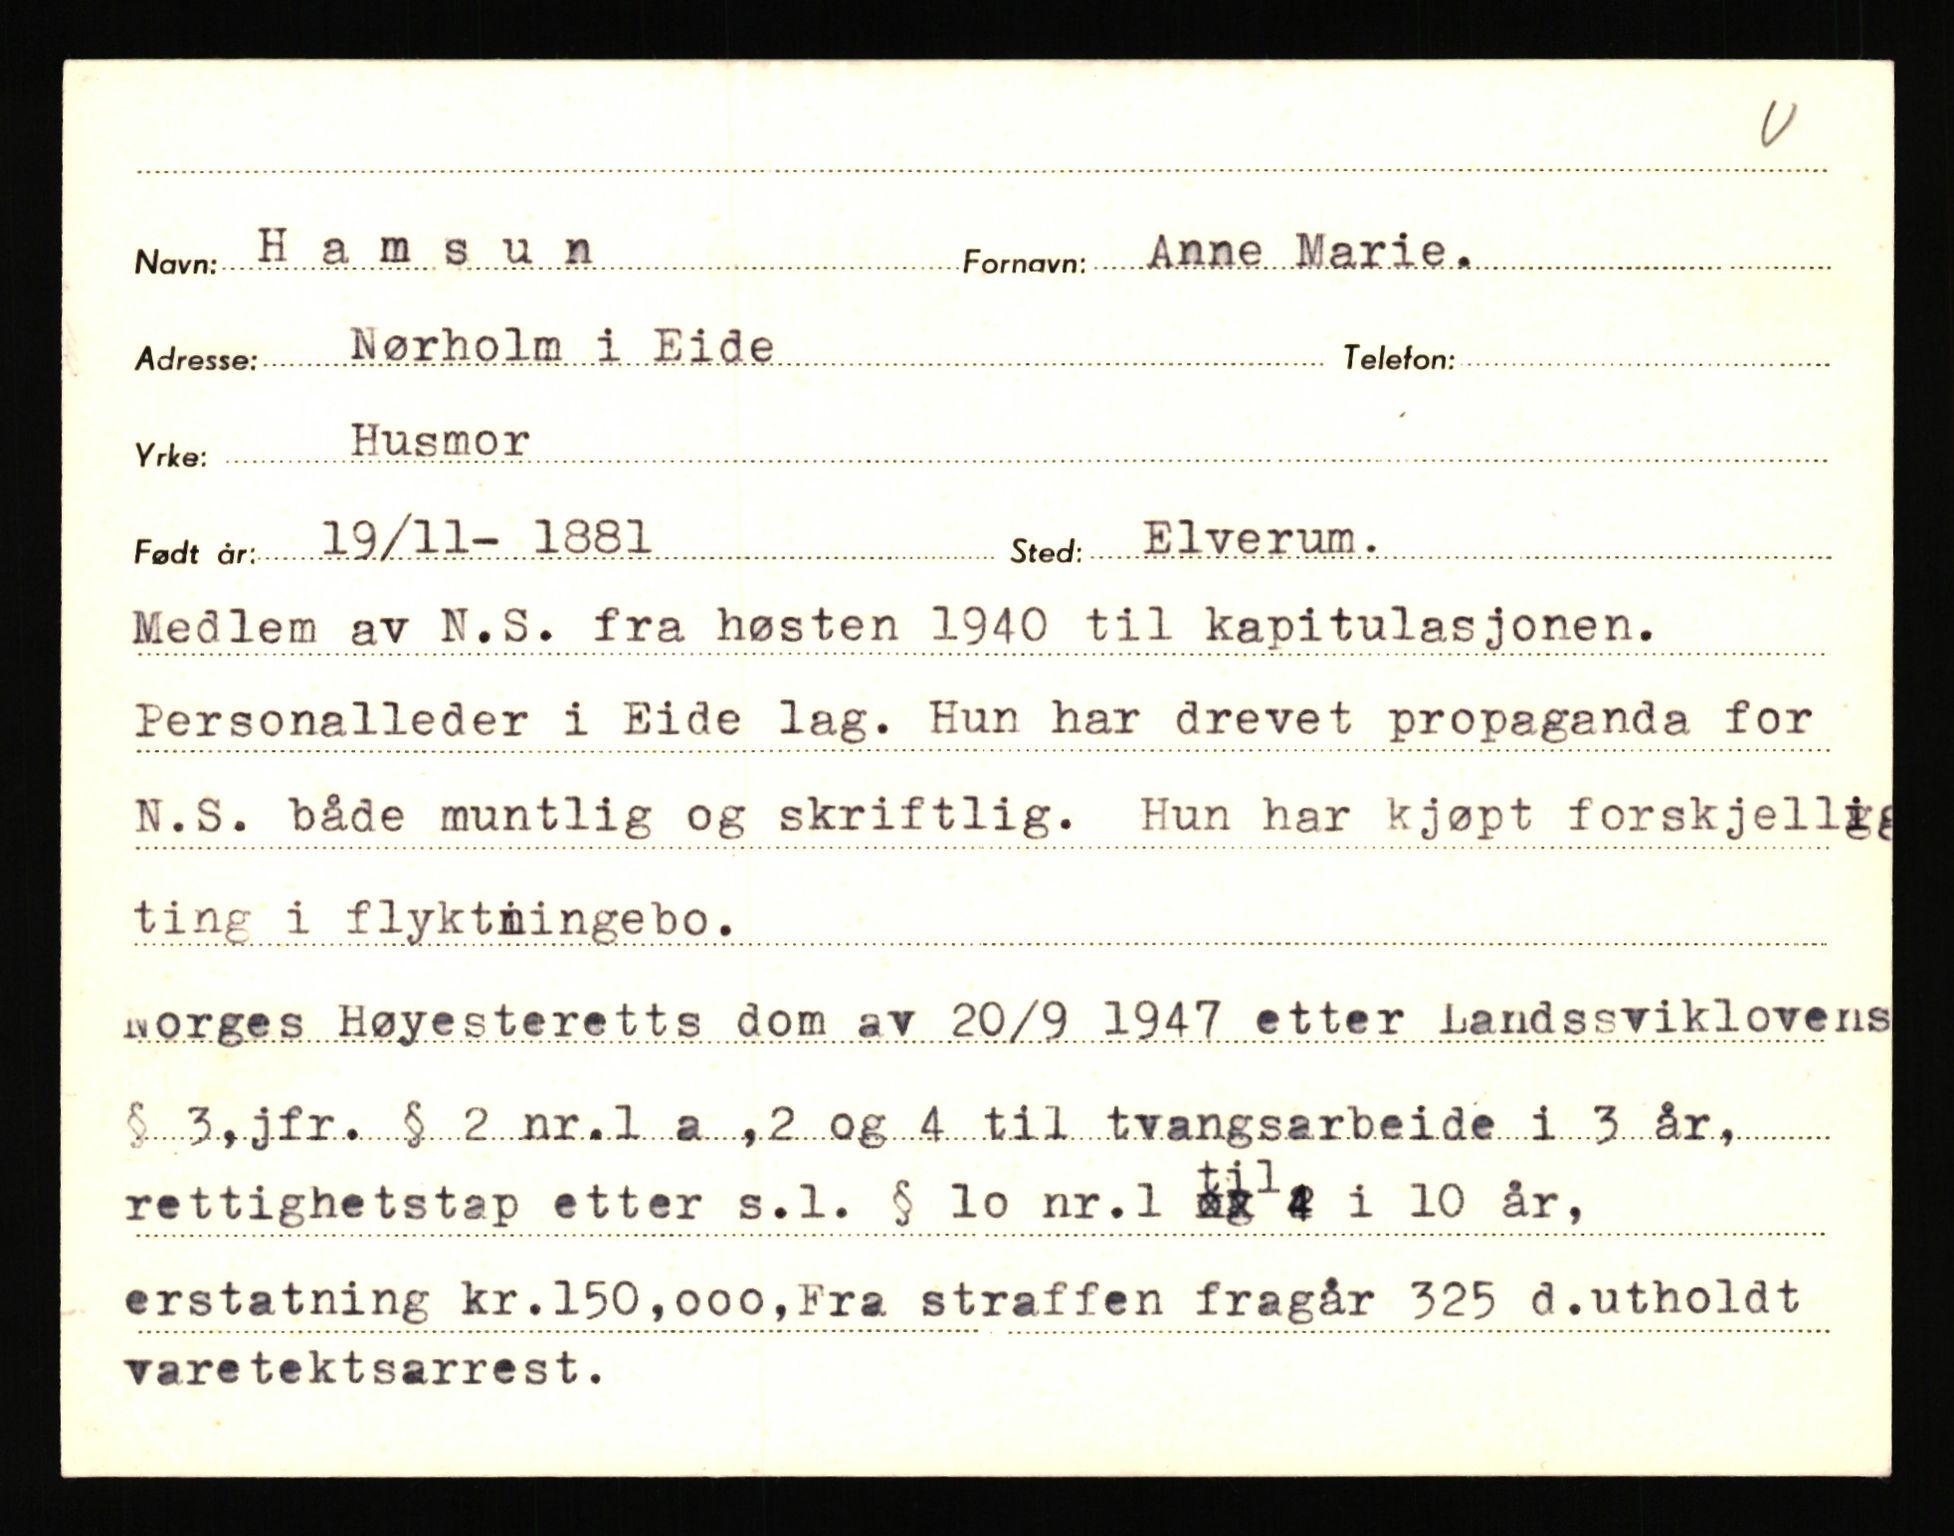 RA, Landssvikarkivet, Arendal politikammer, D/Dc/L0029: Anr. 192/45, 1945-1951, s. 3